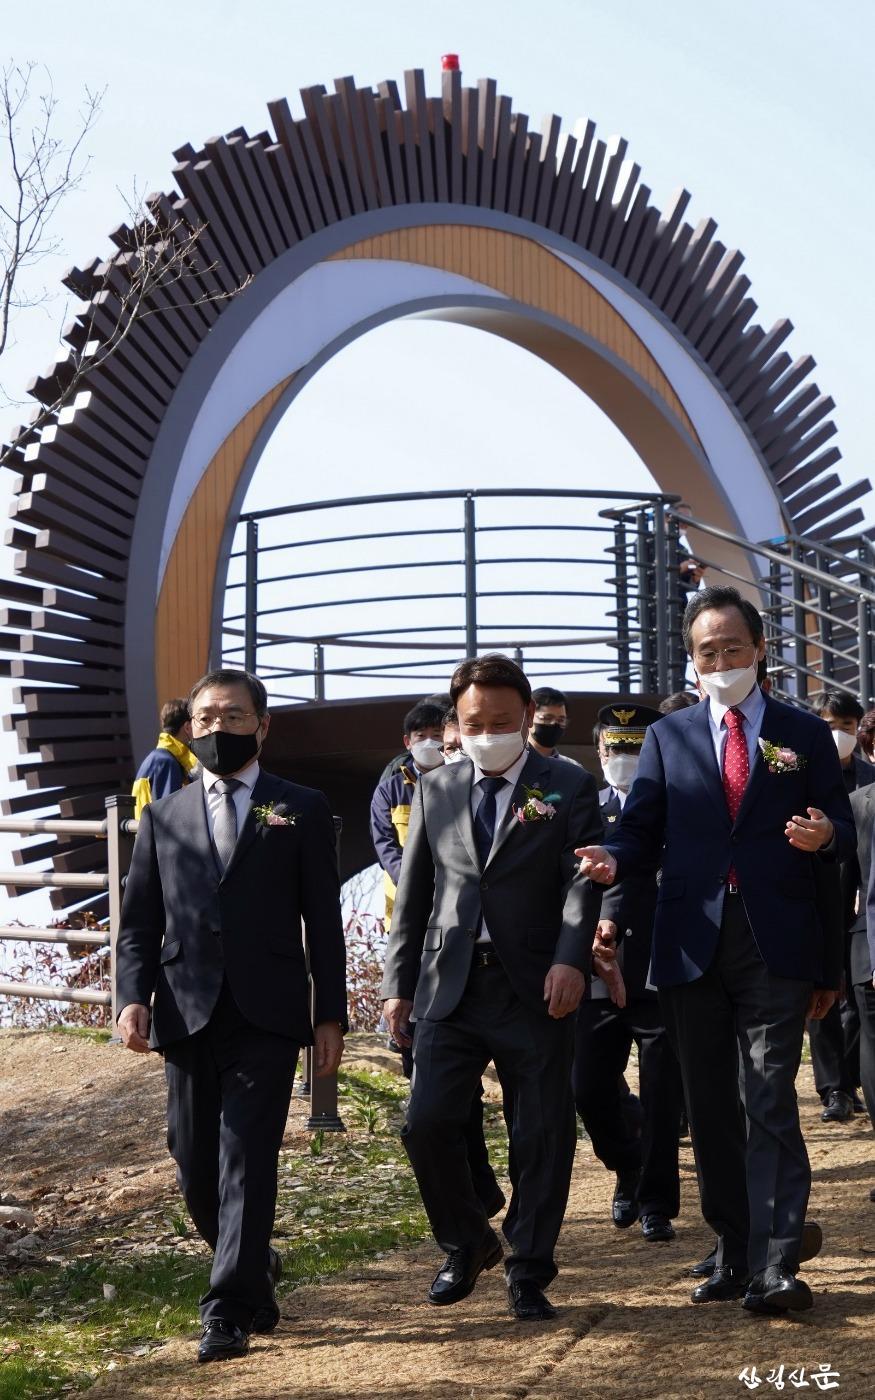 사진5_최병암 산림청 차장(왼쪽 첫번째) 국립신시도자연휴양림 시설 관람.jpg